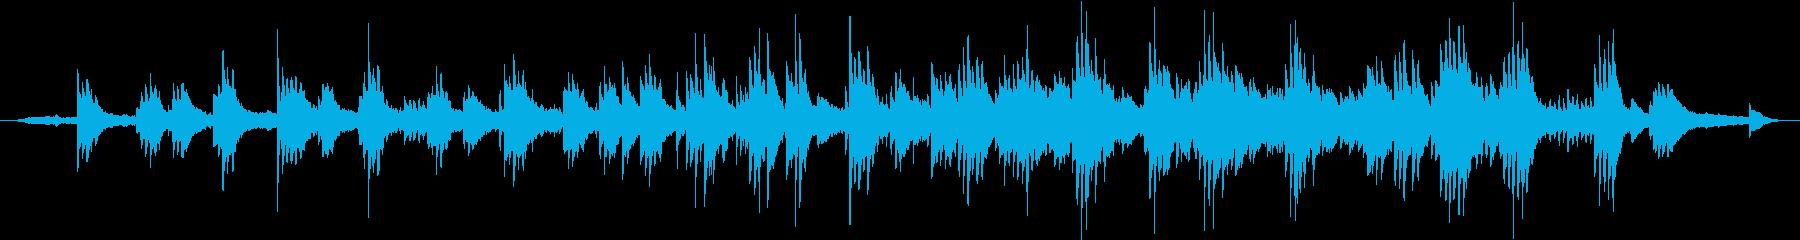 動画 サスペンス 勝利者 静か や...の再生済みの波形